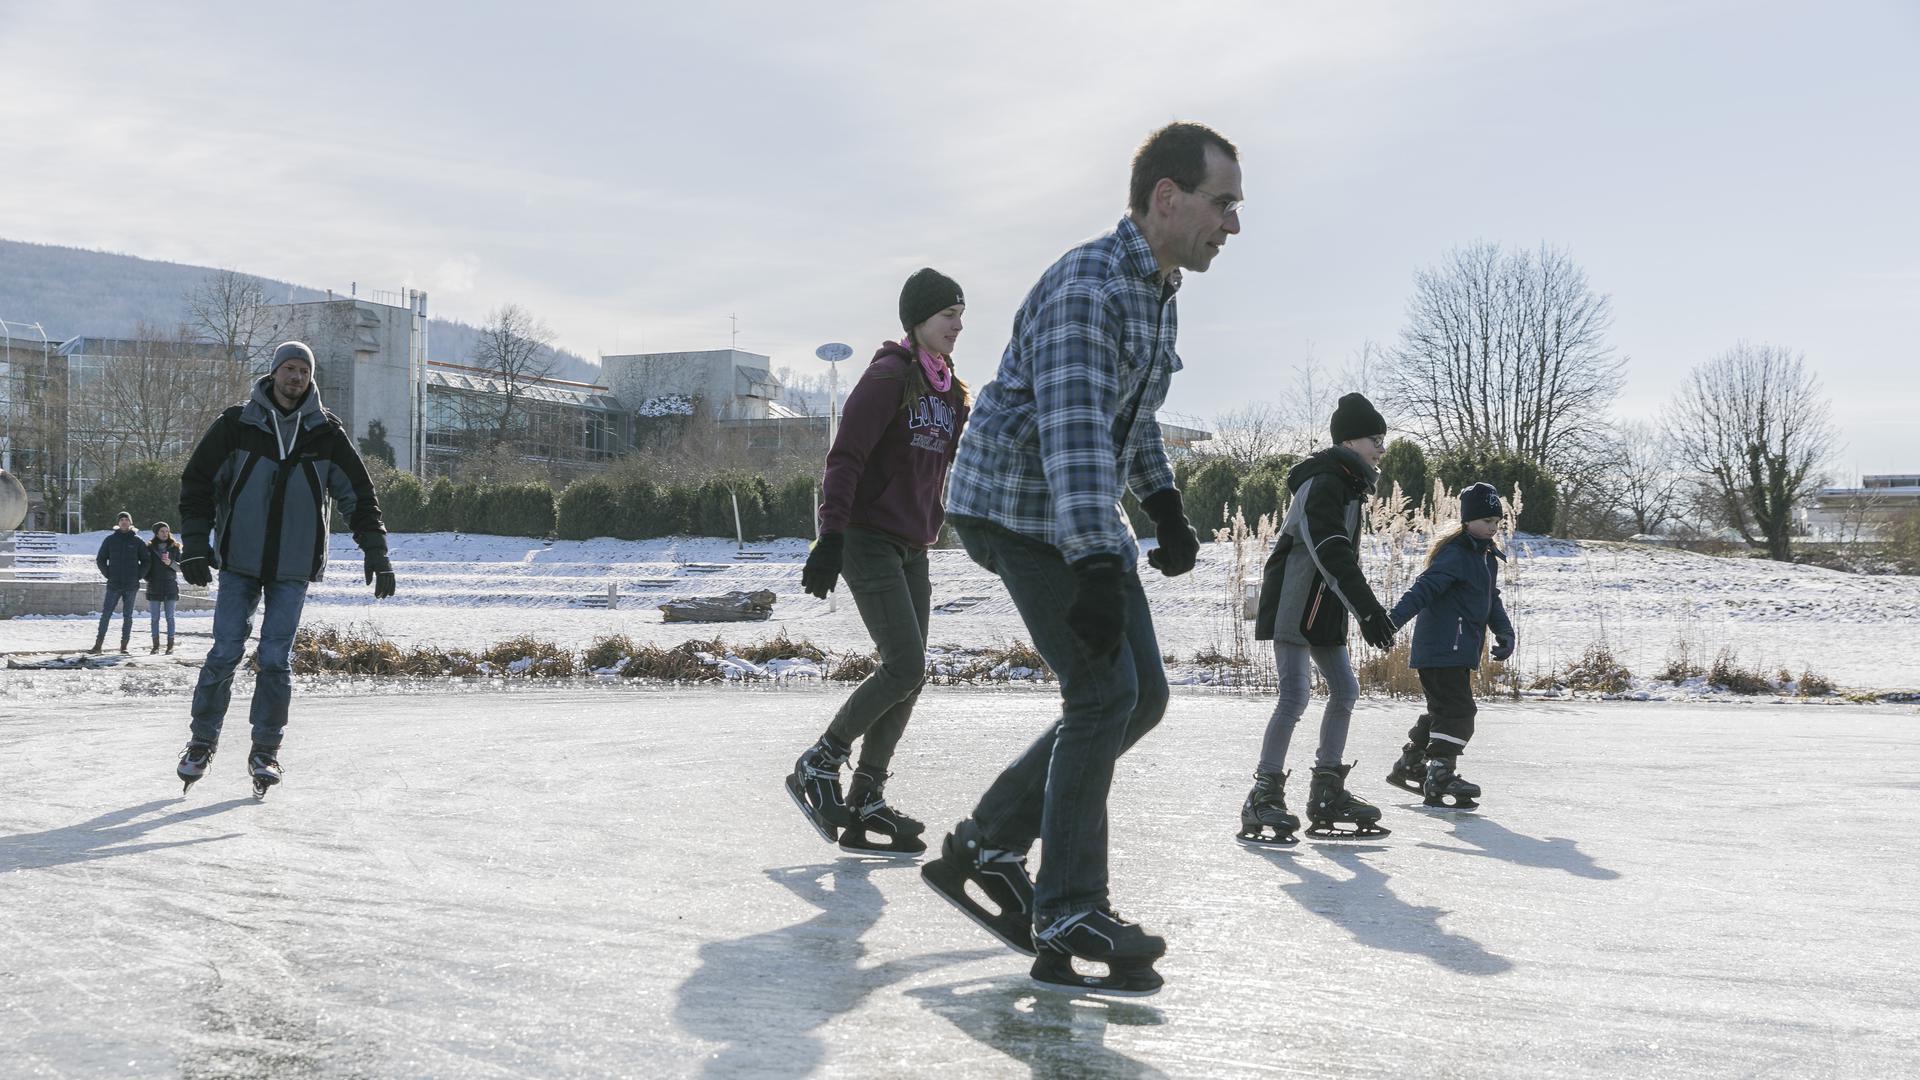 Wintervergnügen für die ganze Familie: Schlittschuhläufer und viele Spaziergänger zog es am Sonntagnachmittag in den Ettlinger Horbachpark.